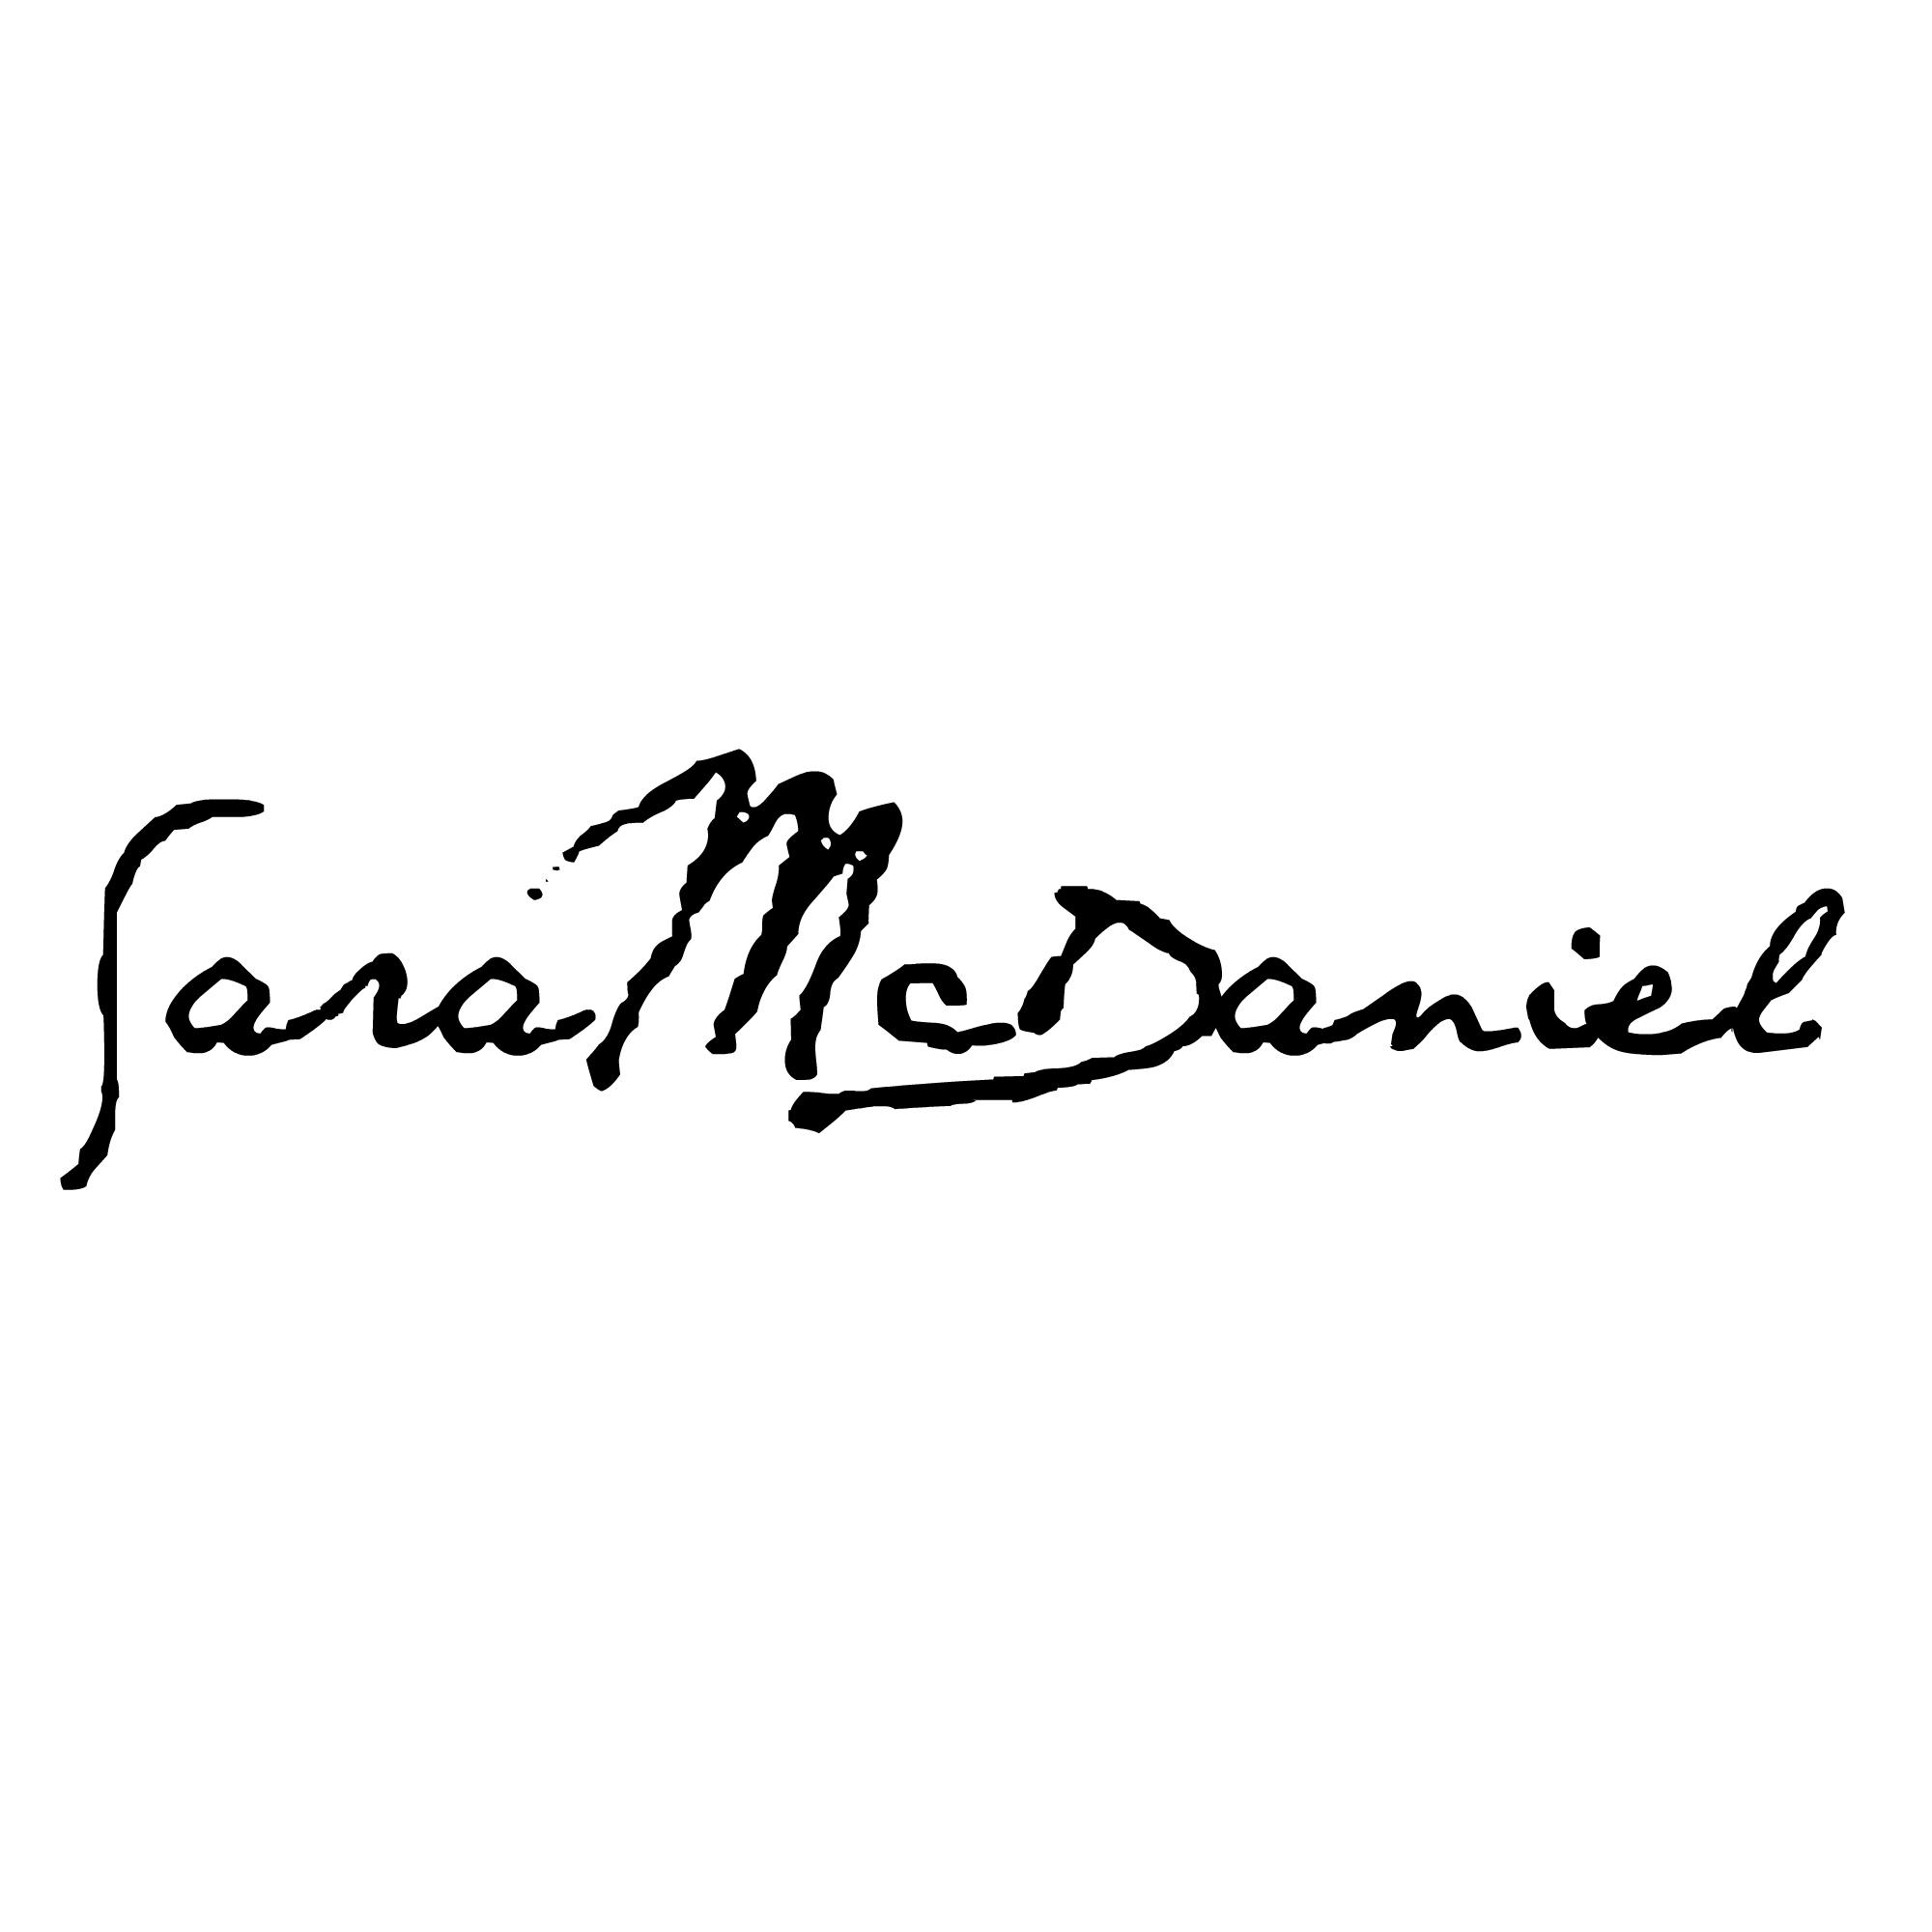 Sara McDaniel Signature